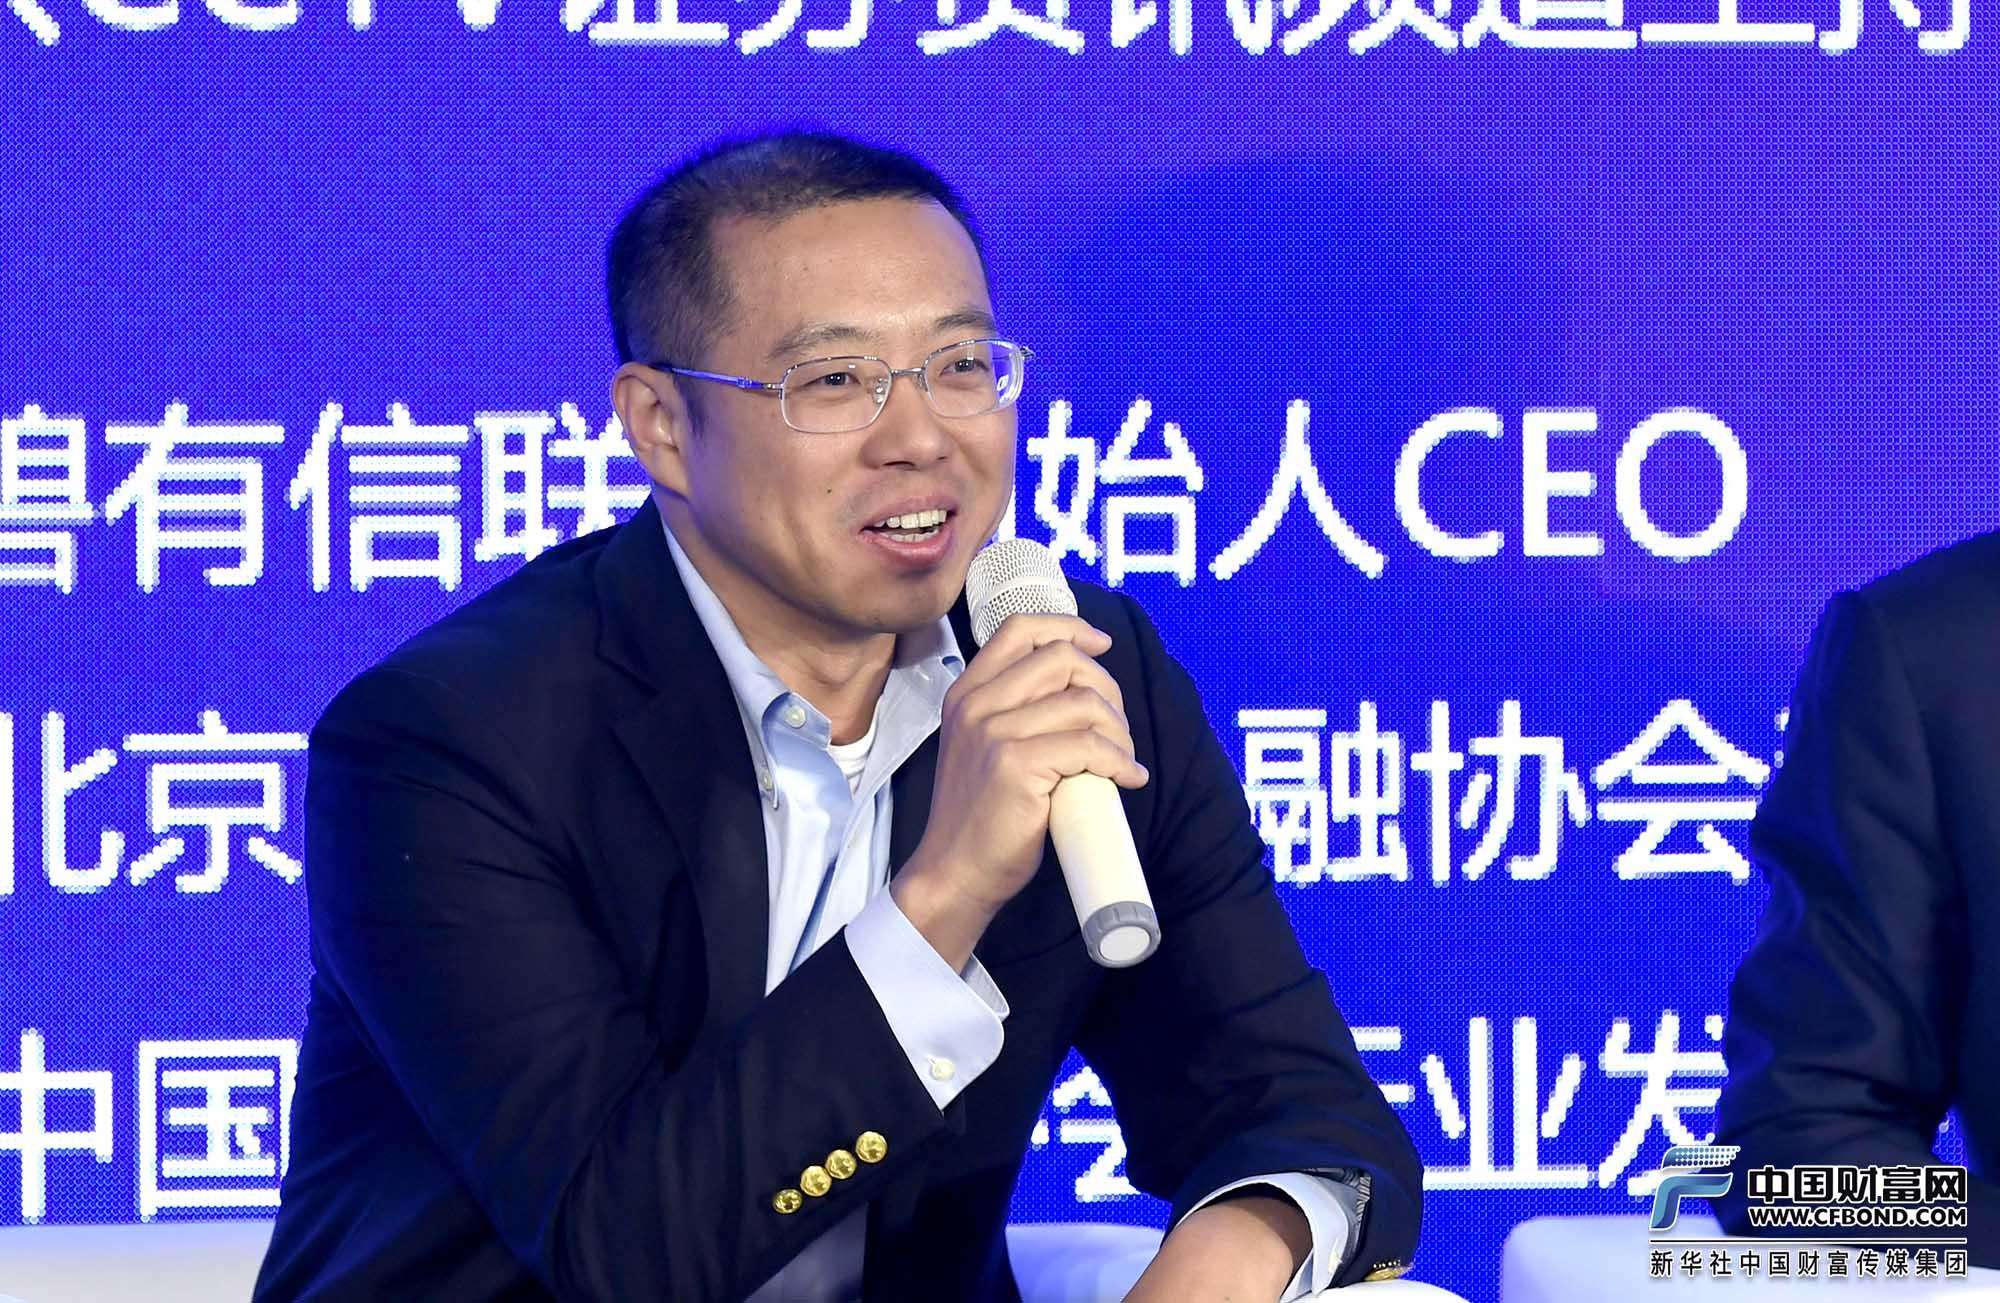 中央财大互联网金融与民间融资法治研究中心副主任孟祥轶发言